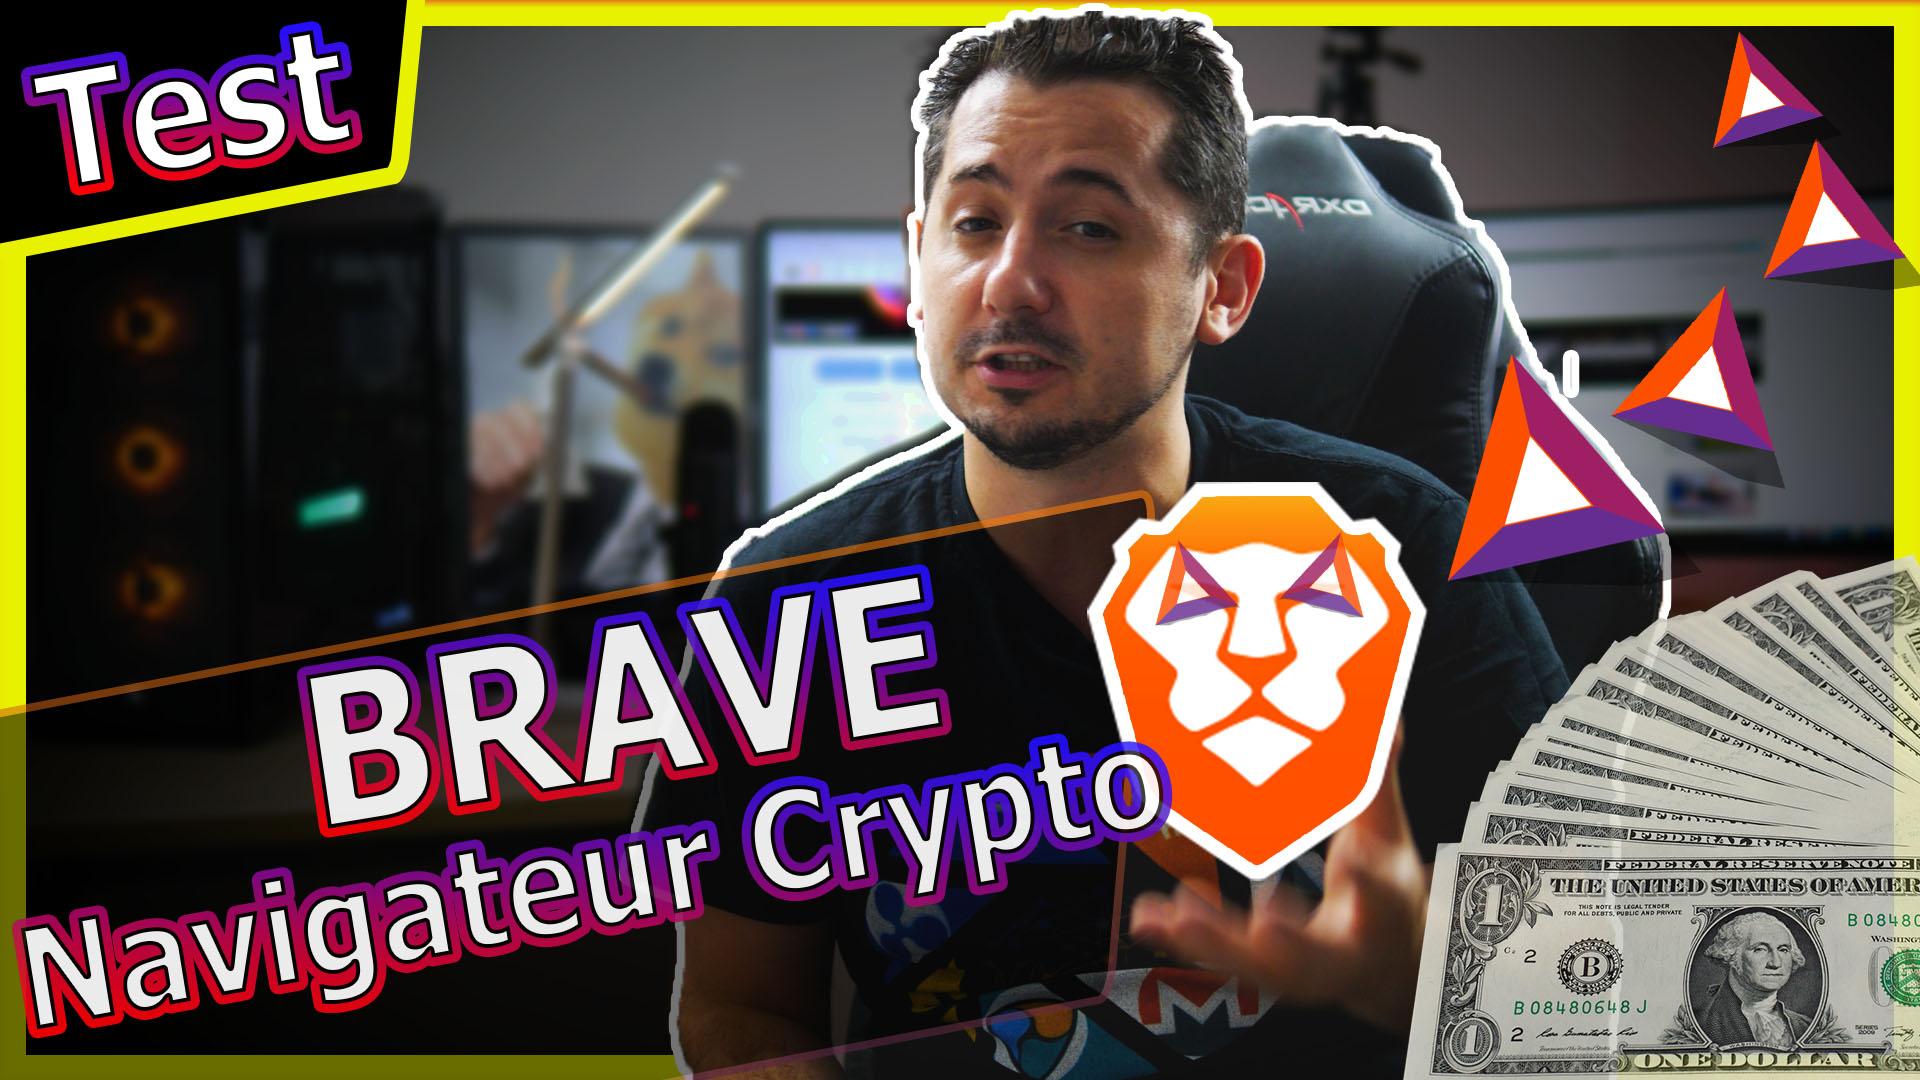 Brave : Navigateur Crypto meilleur que chrome & Firefox ?!